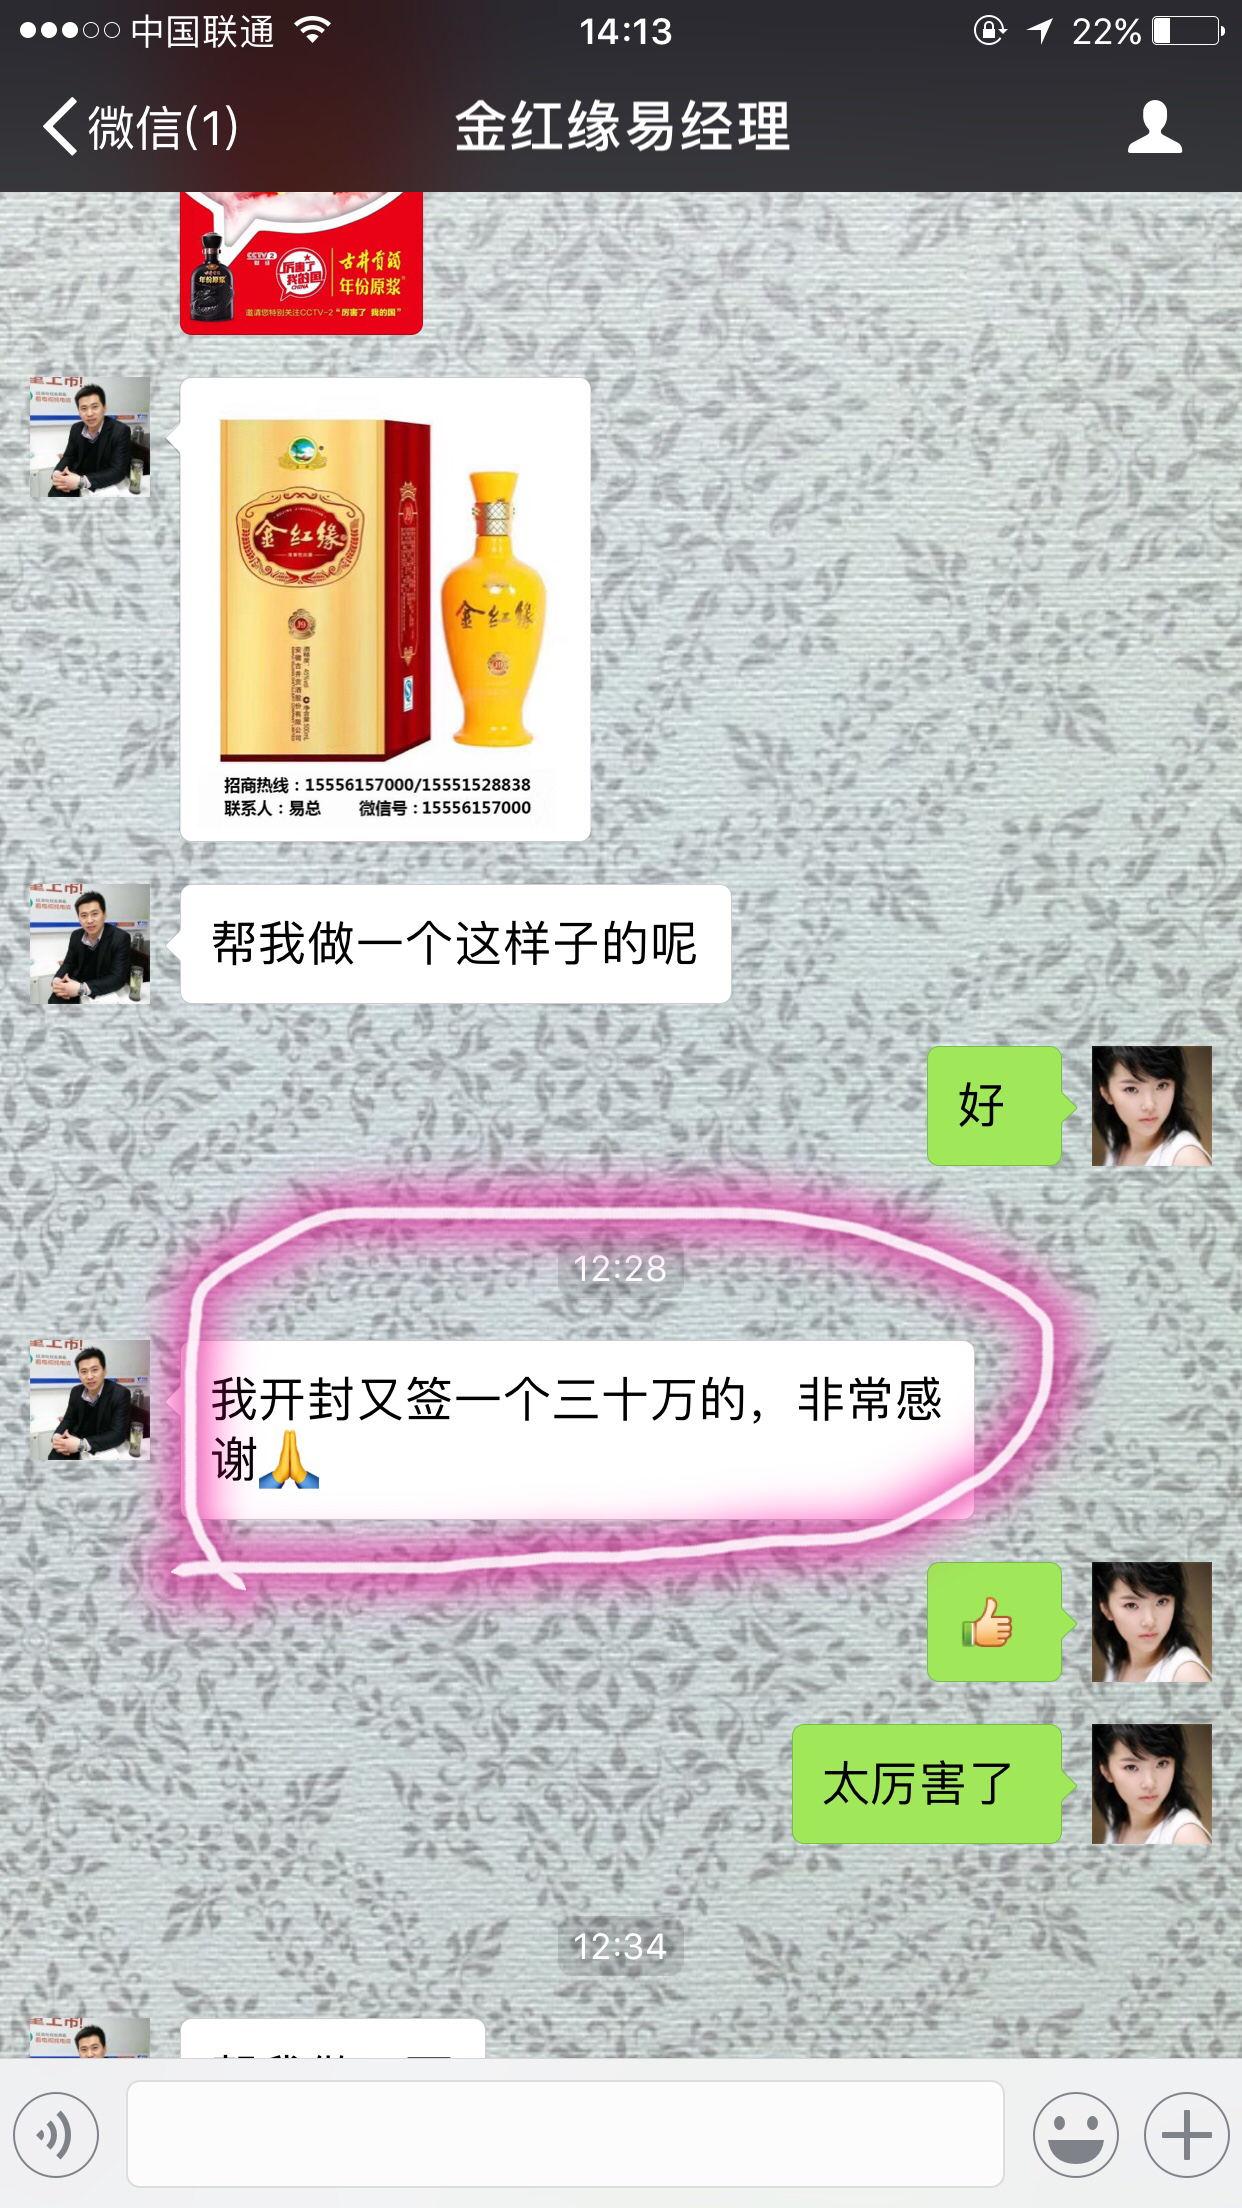 金红缘酒与美酒网合作签单变得简单!!